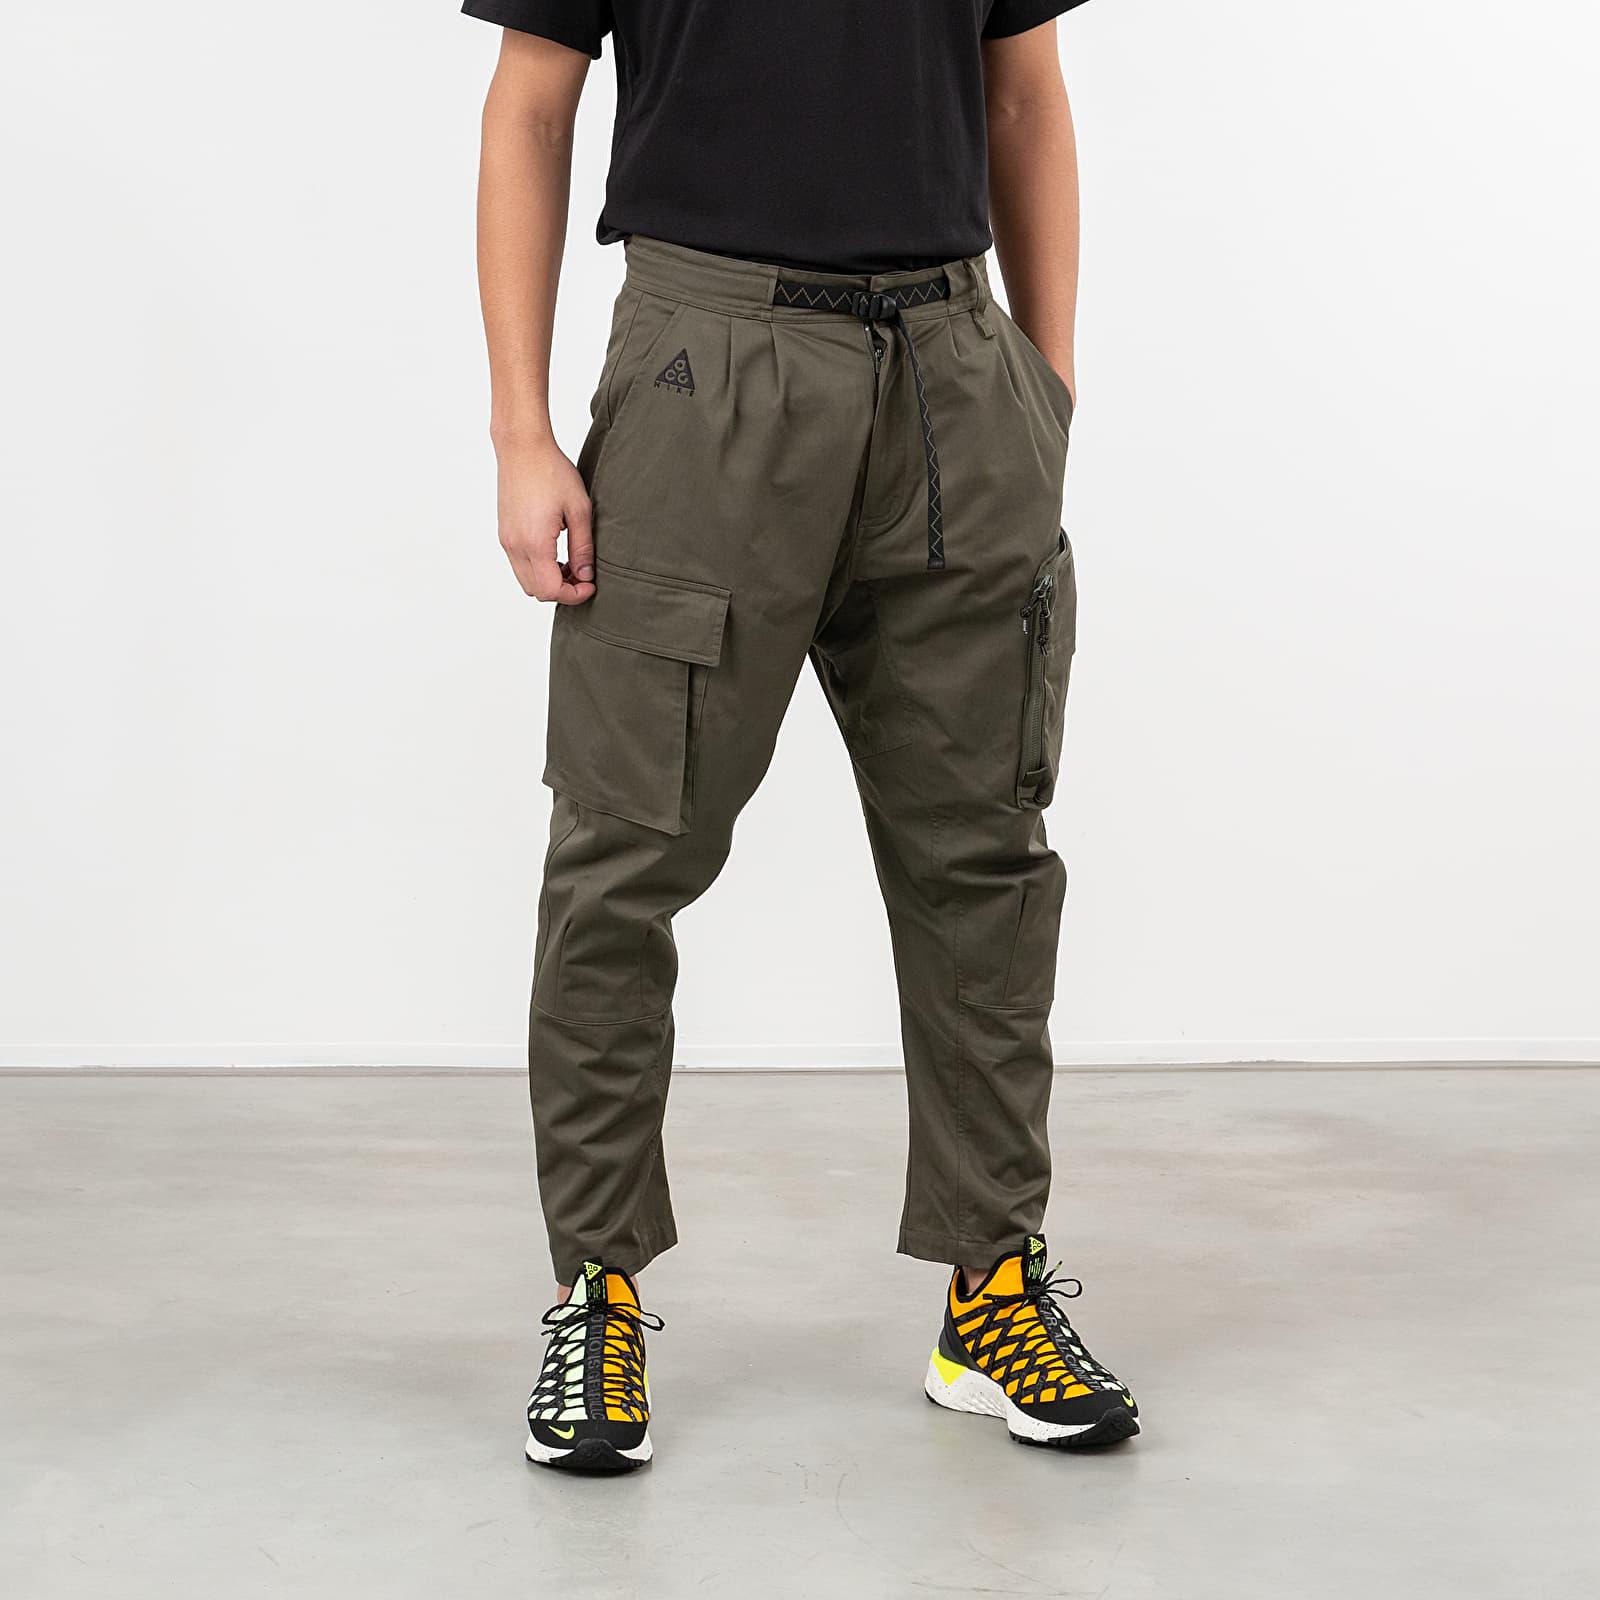 Nike NRG ACG Cargo Woven Pants